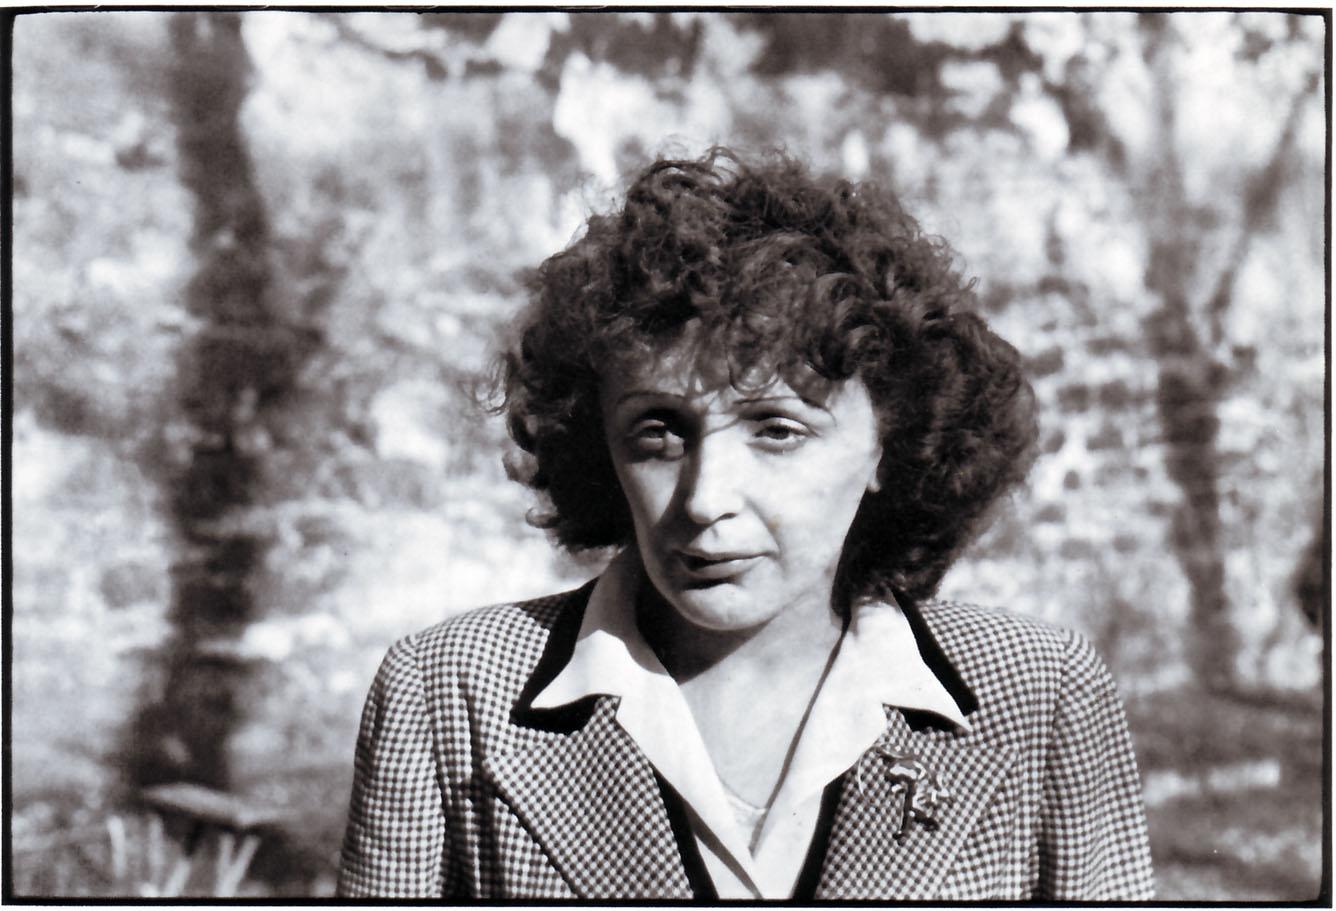 Edith Piaf 1940s Edith Piaf Jpg